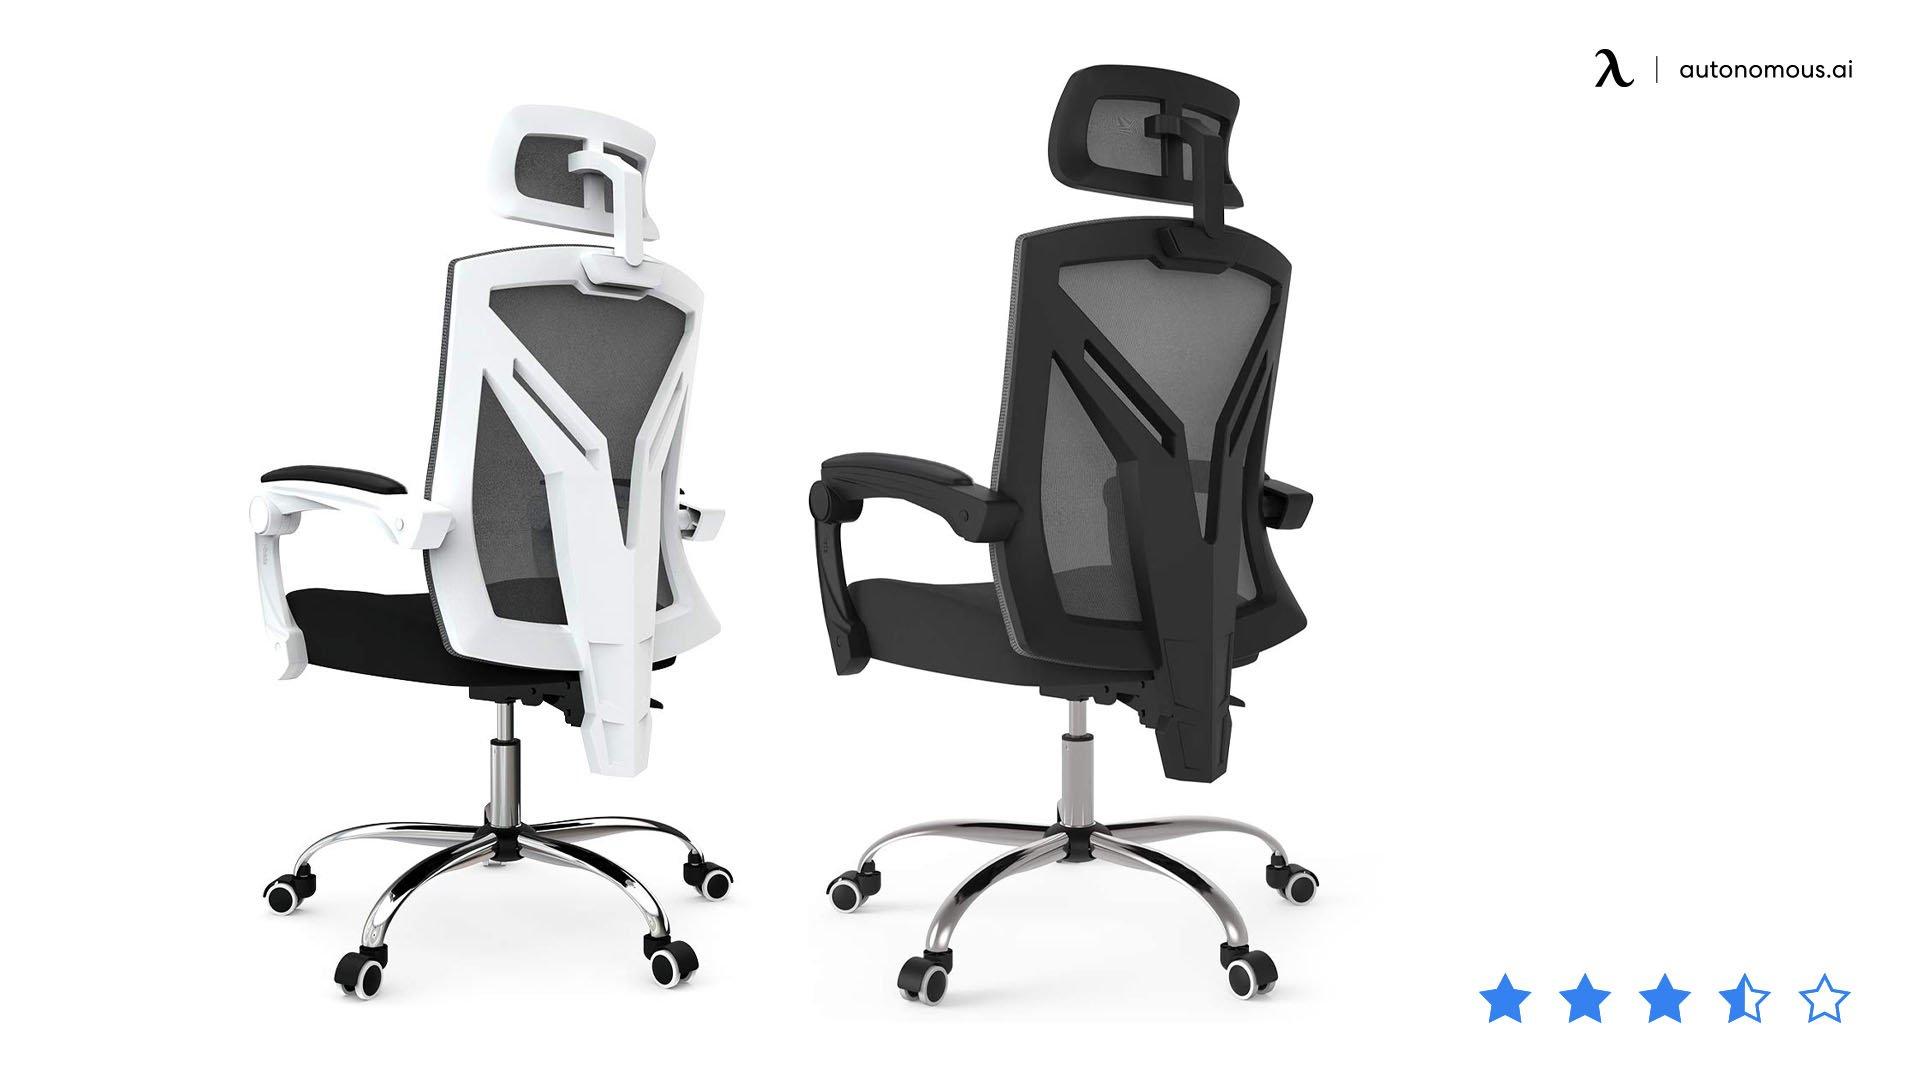 Hbada Mesh Ergonomic Chair